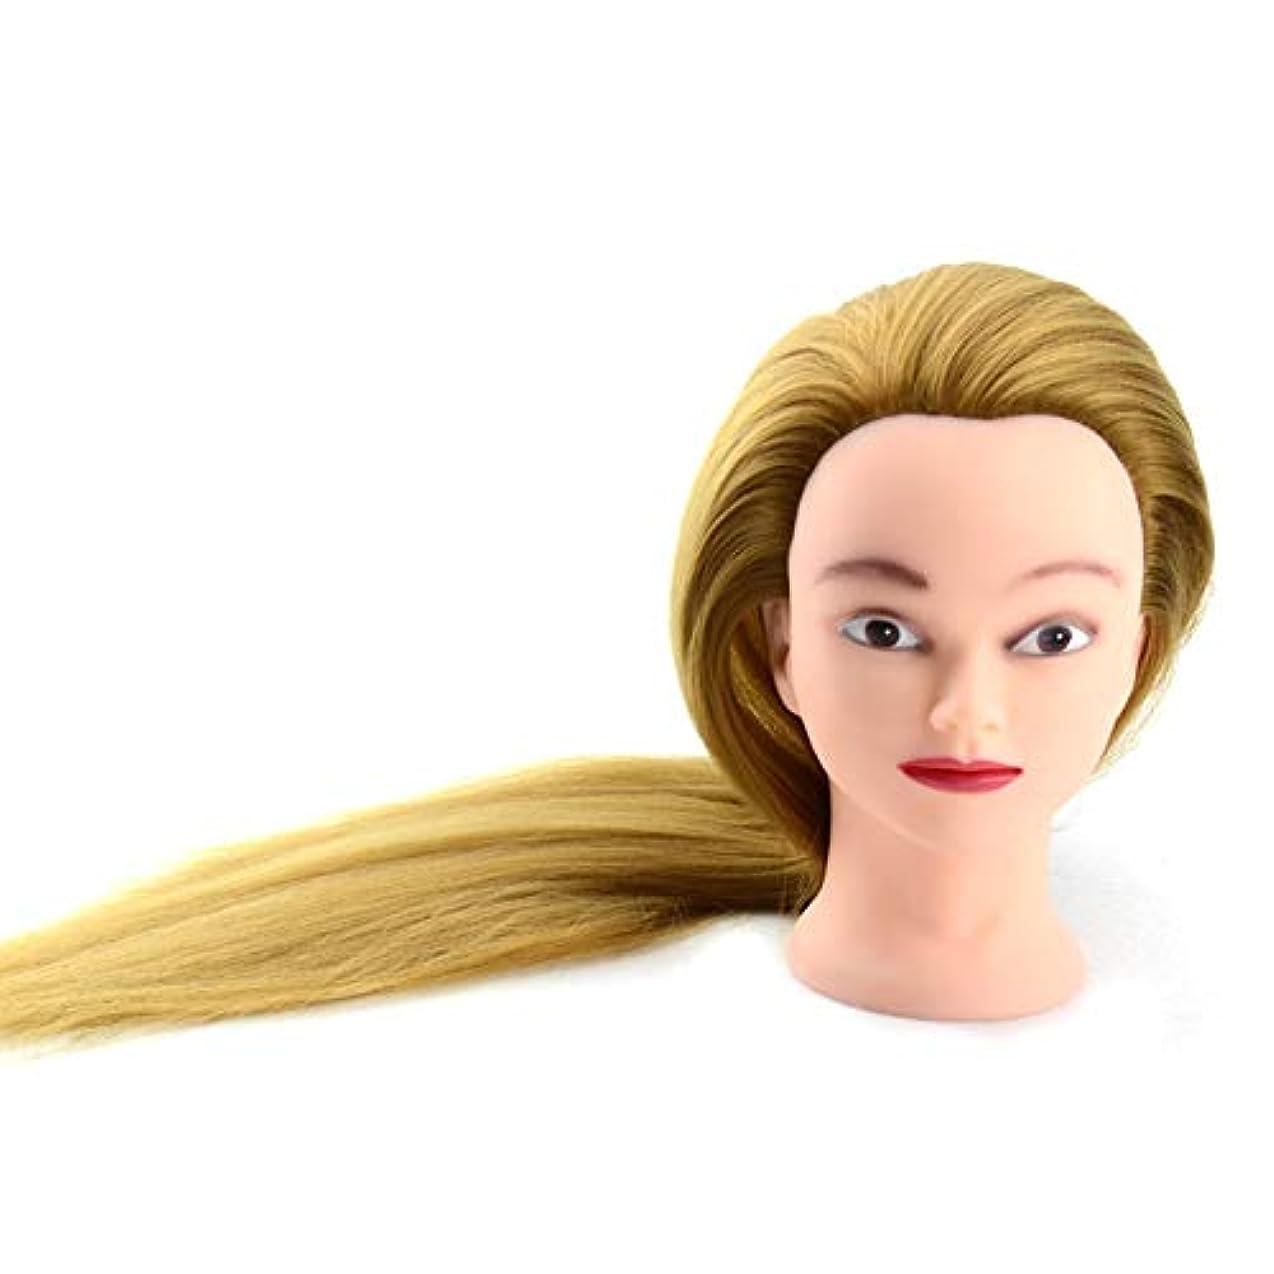 急流明確な剥ぎ取る化学繊維ウィッグヘッドモデル花嫁メイクスタイリング練習ダミーヘッドサロントリミング学習マネキンヘッド